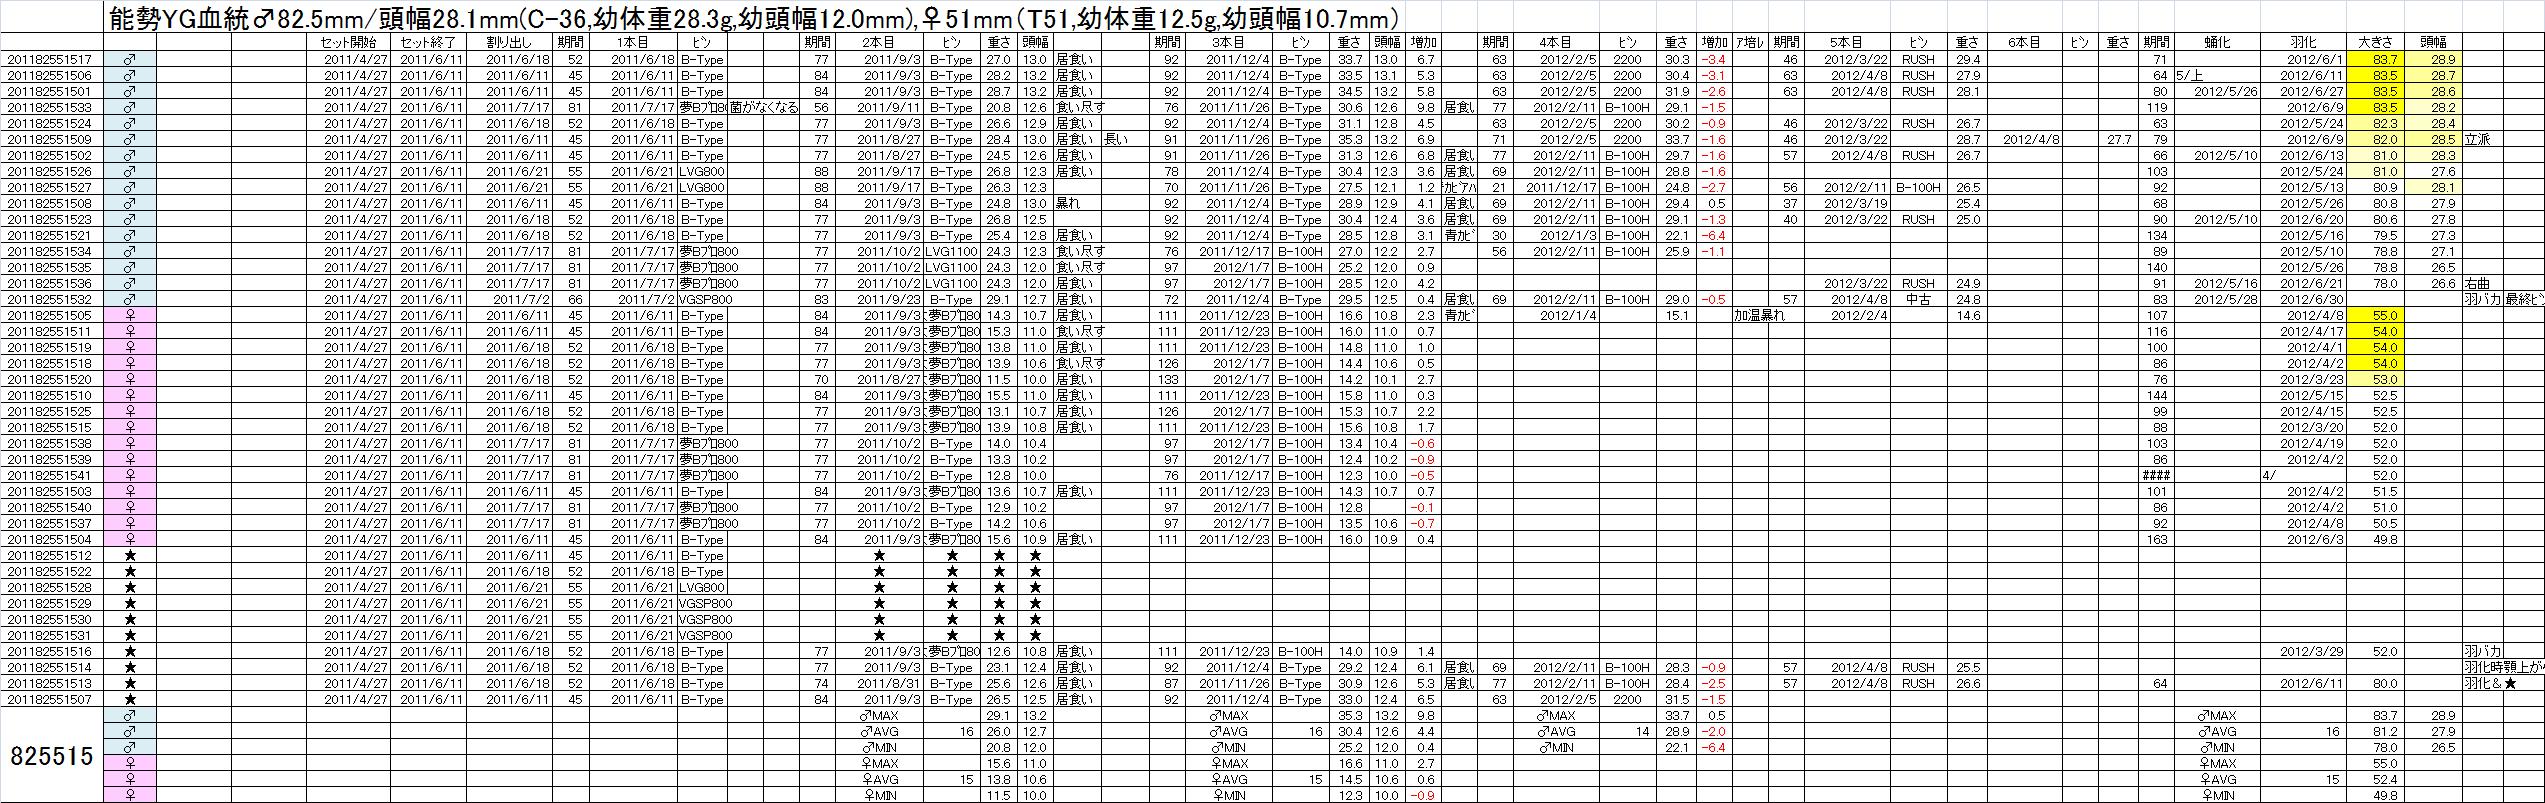 飼育管理表 2011-12 825x515